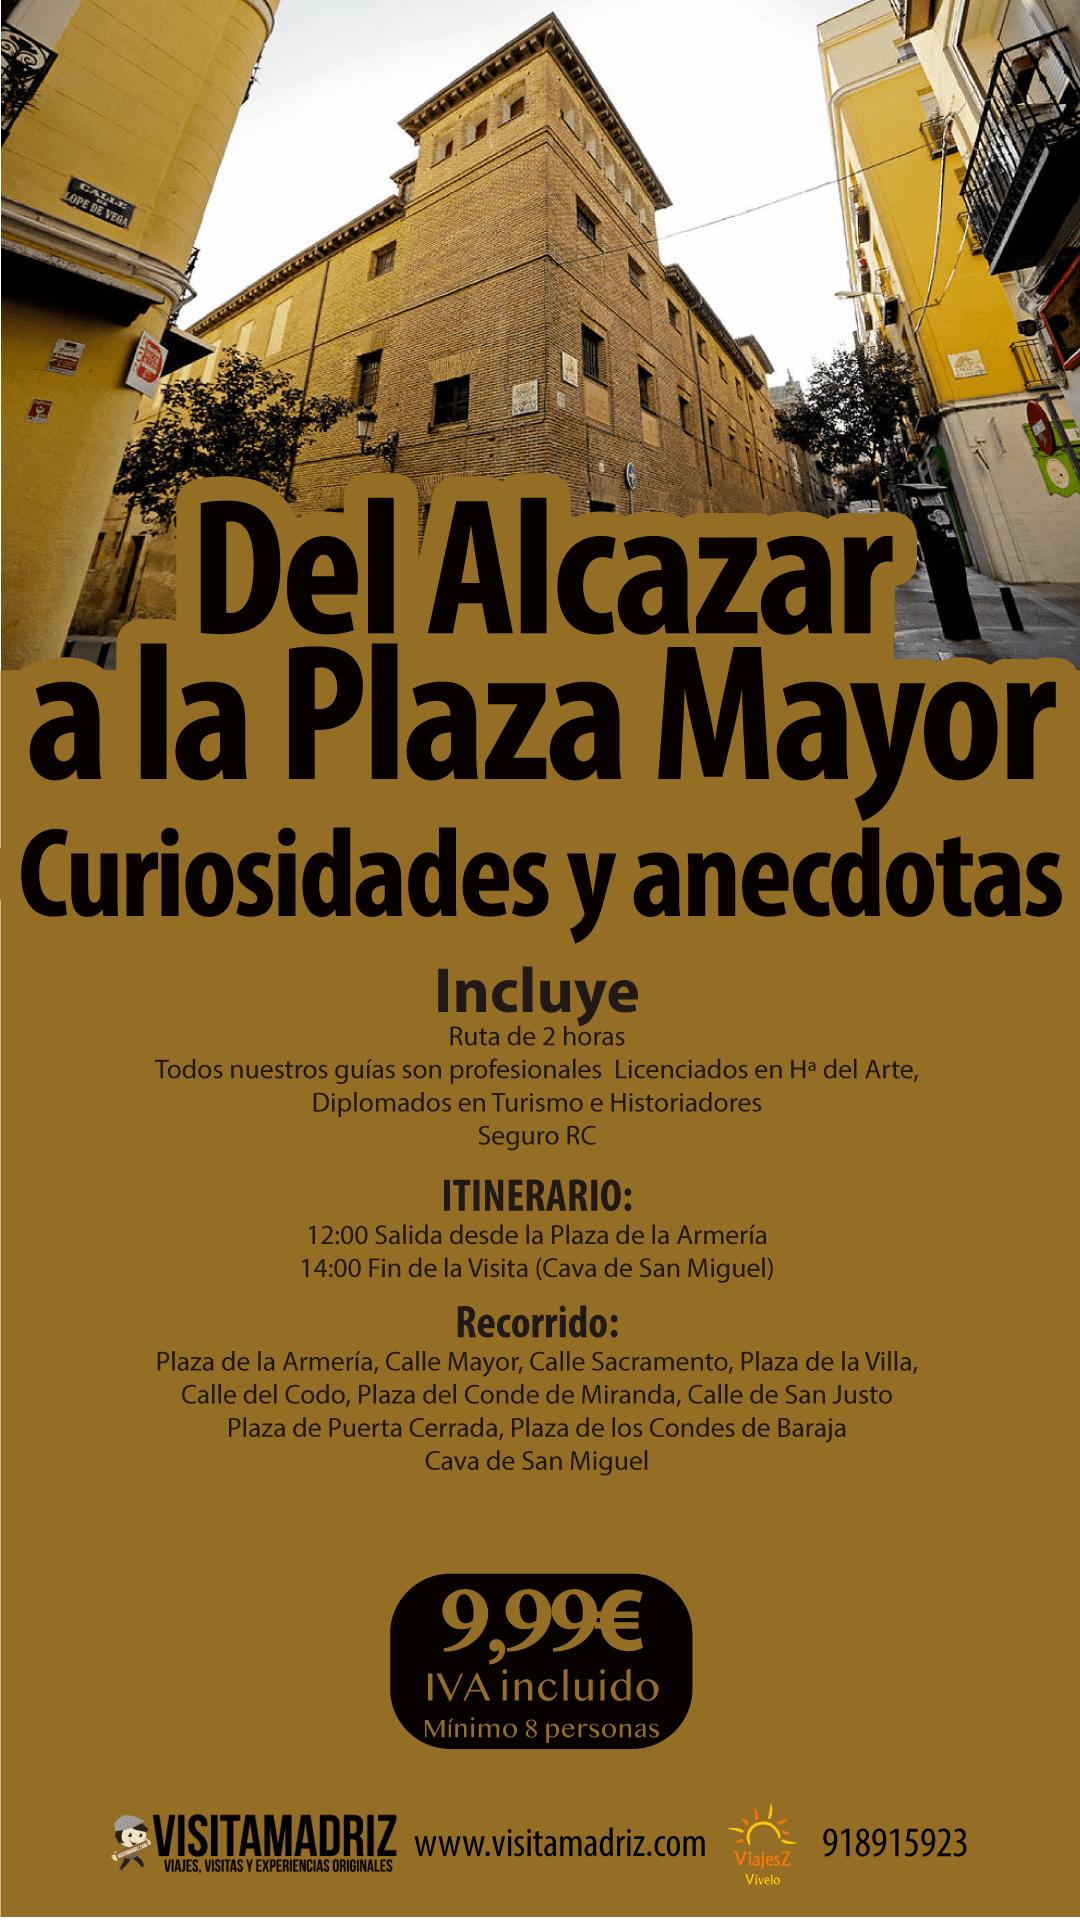 Visita del Alcazar a la Plaza Mayor